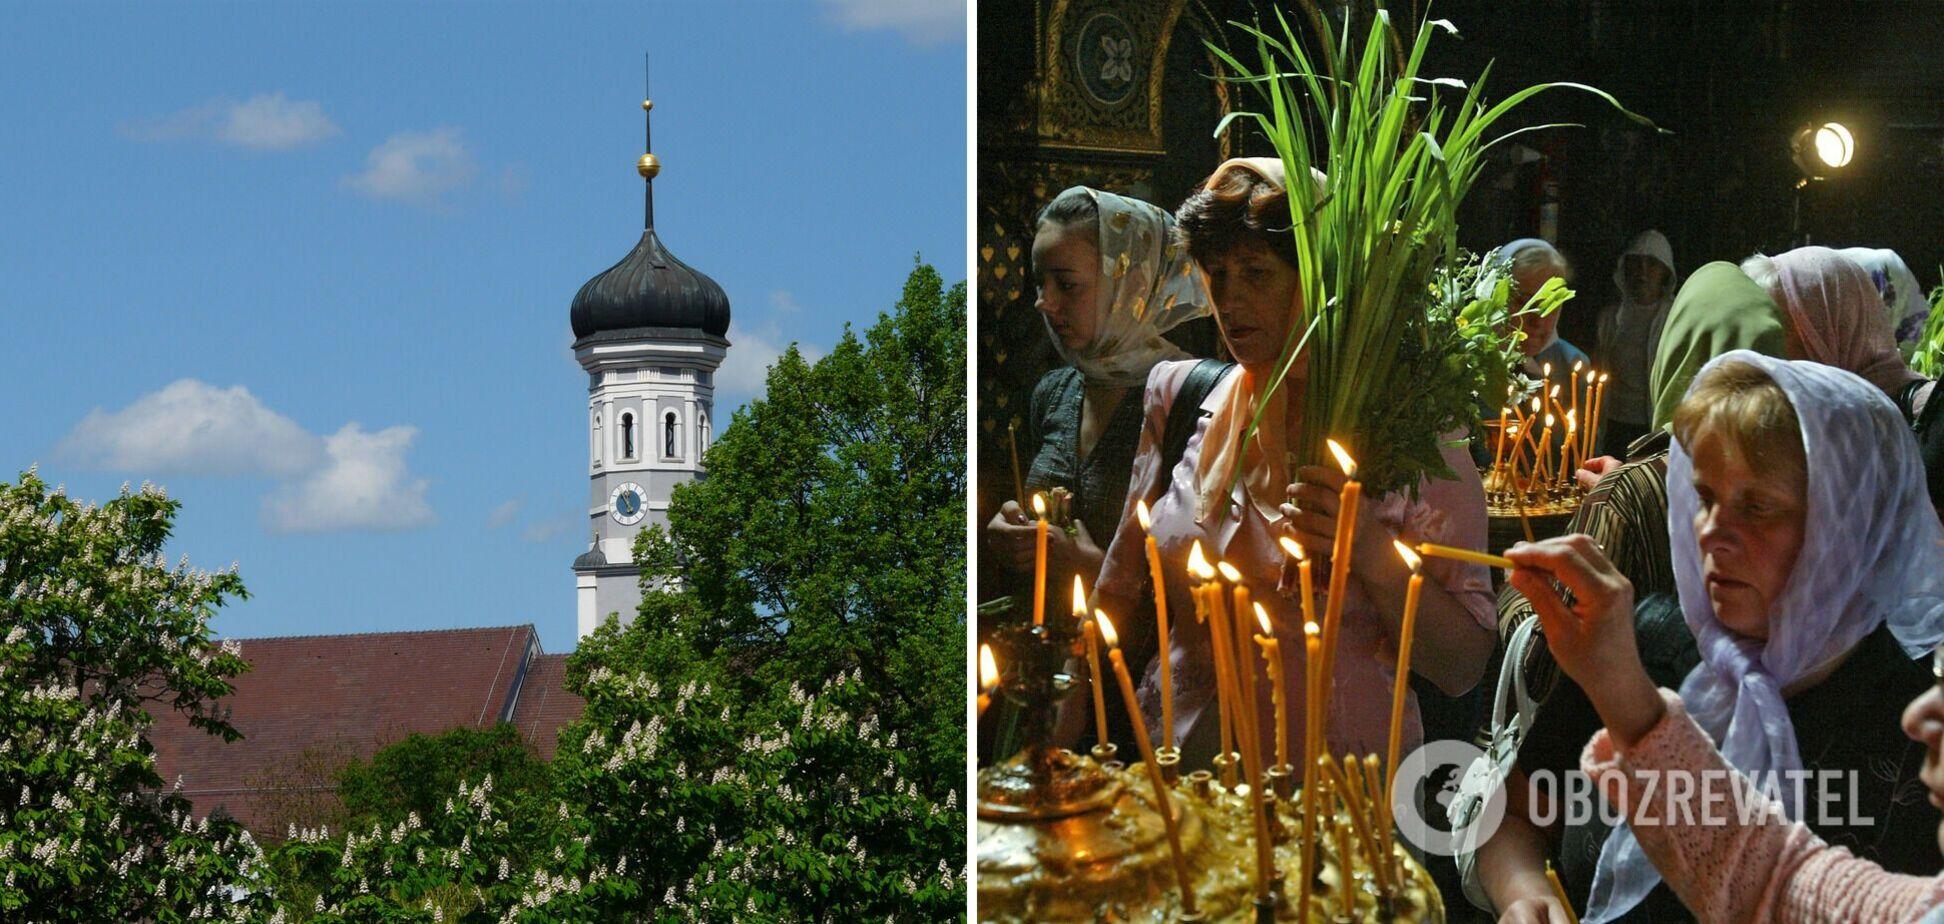 Ежегодно Троицу празднуют в разные дни